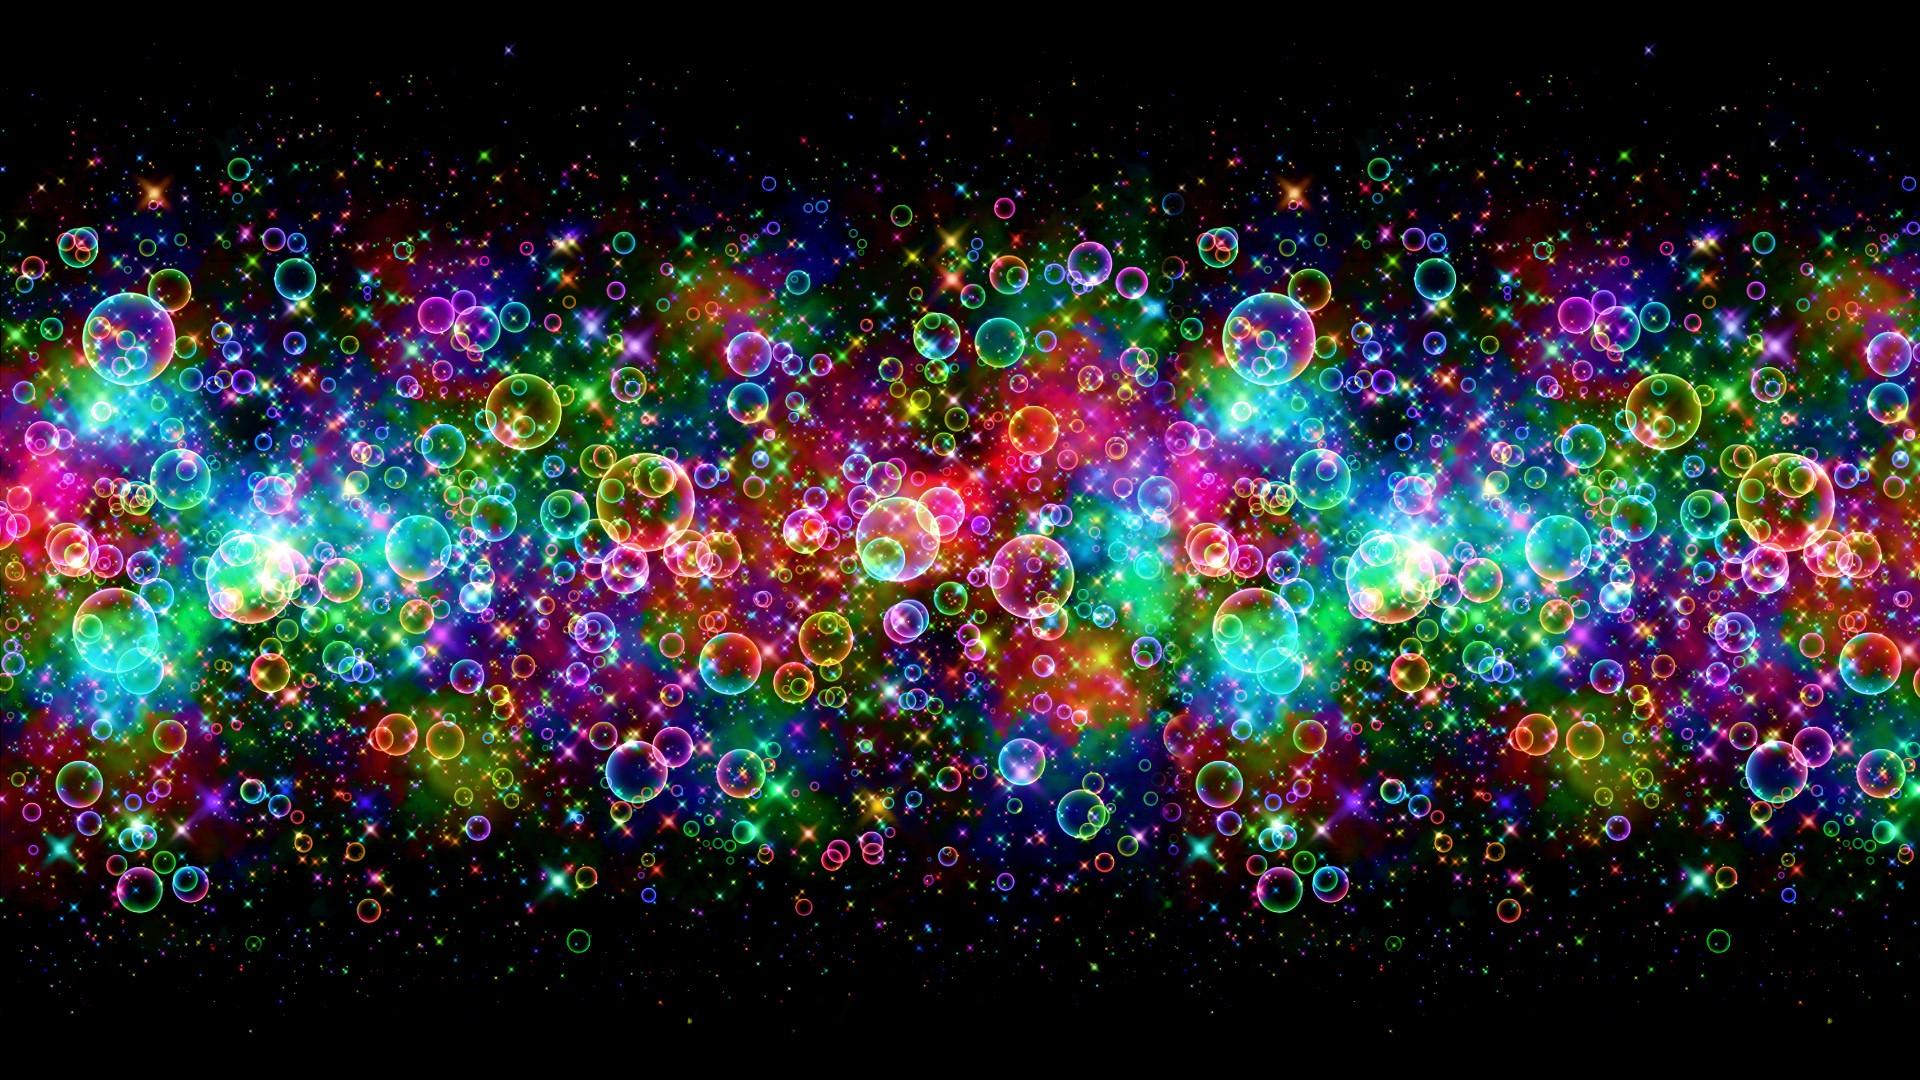 892403 Sparkles Wallpaper Desktop h892403 Abstract HD Wallpaper 1920x1080